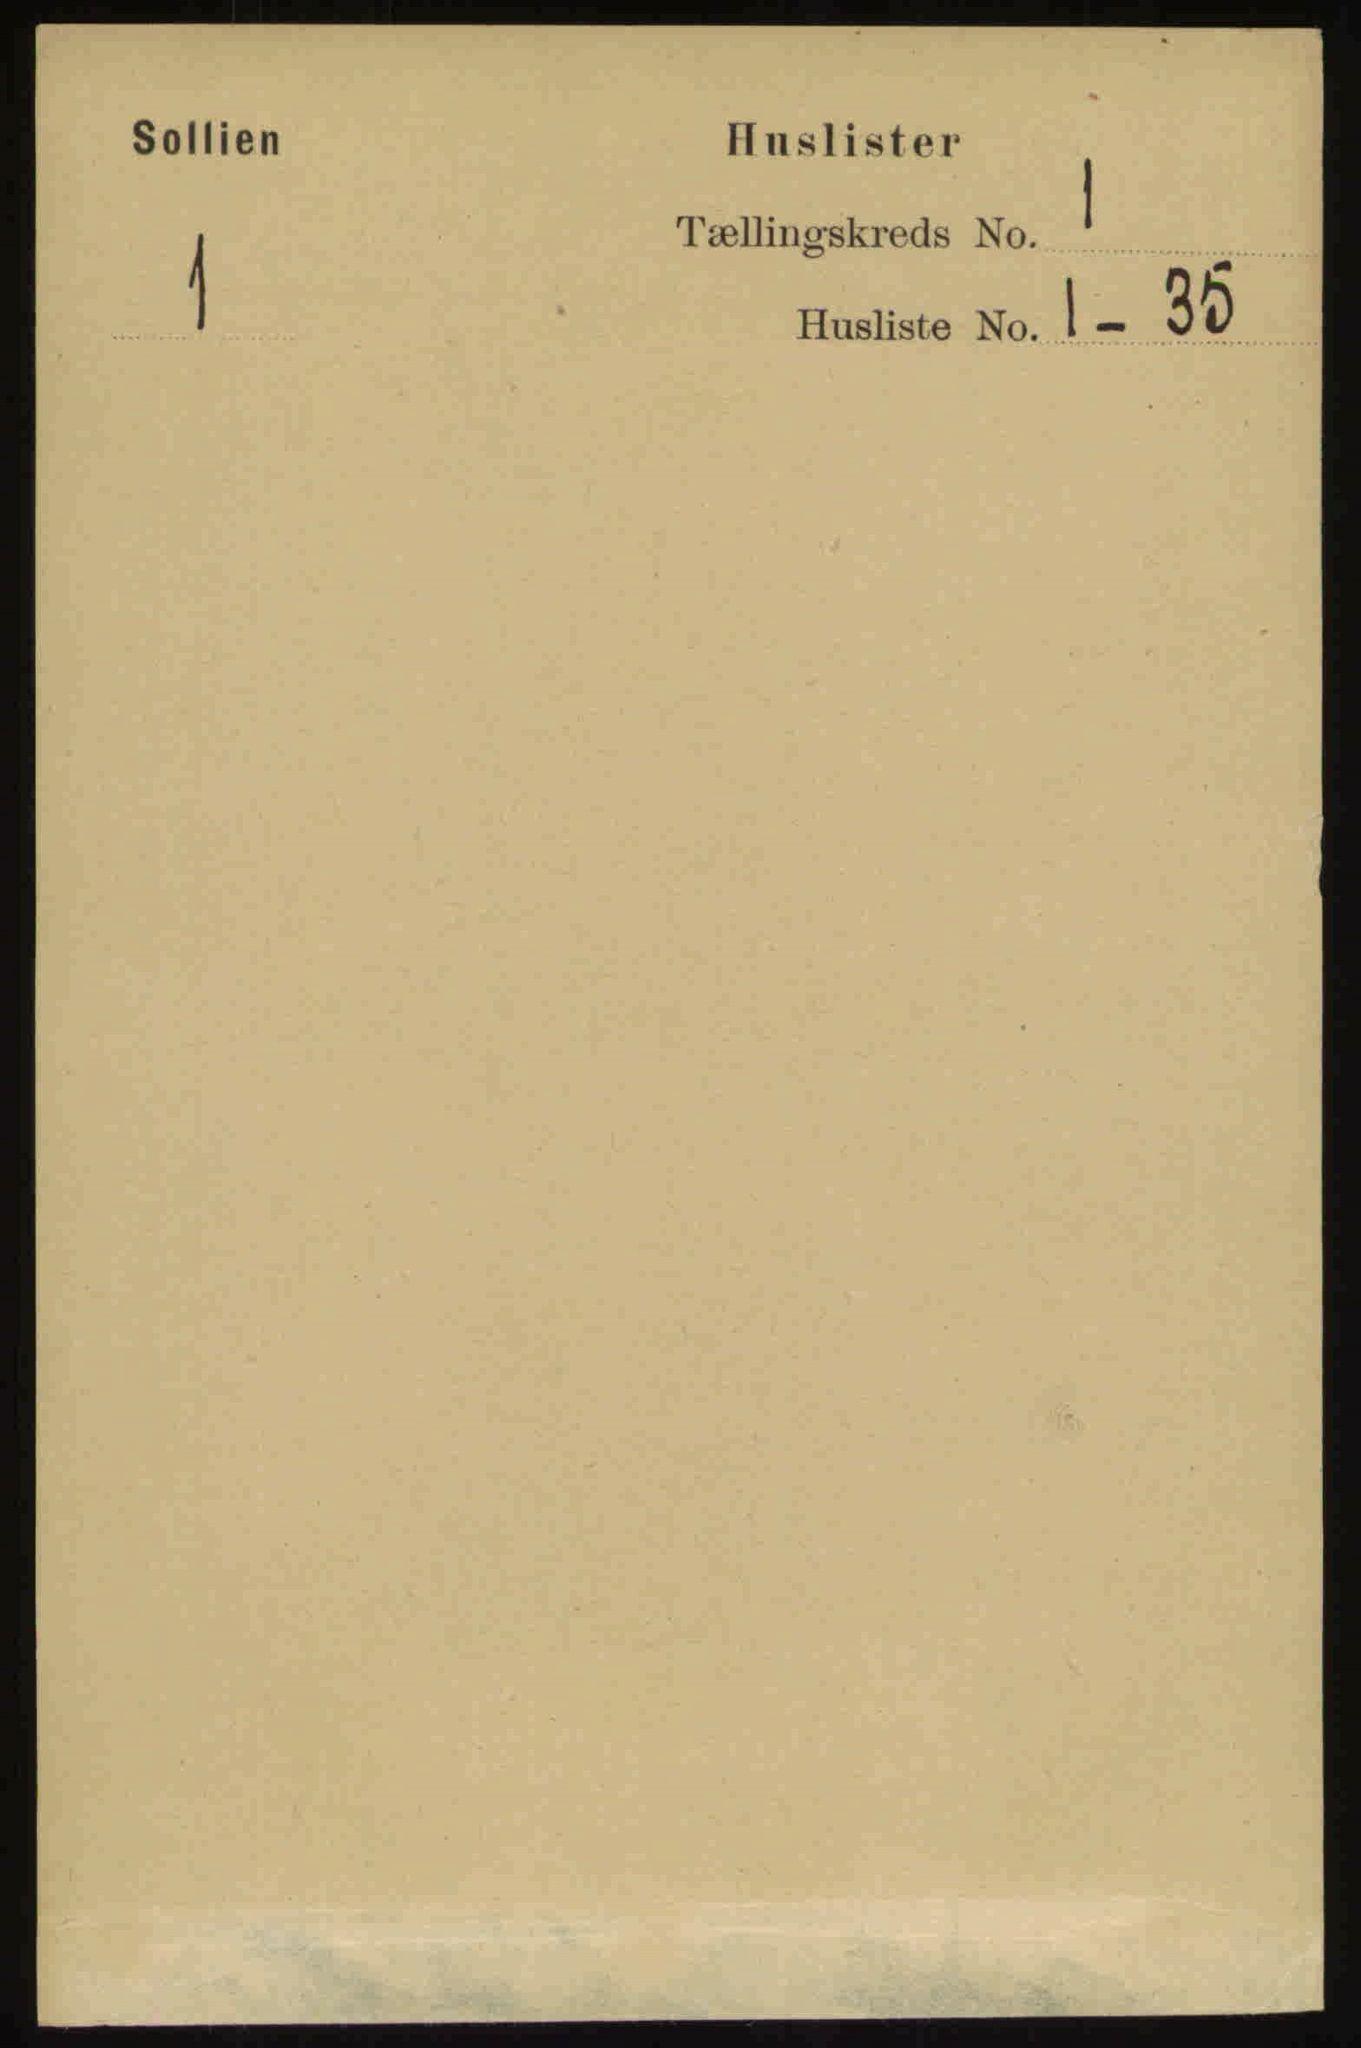 RA, Folketelling 1891 for 0431 Sollia herred, 1891, s. 10